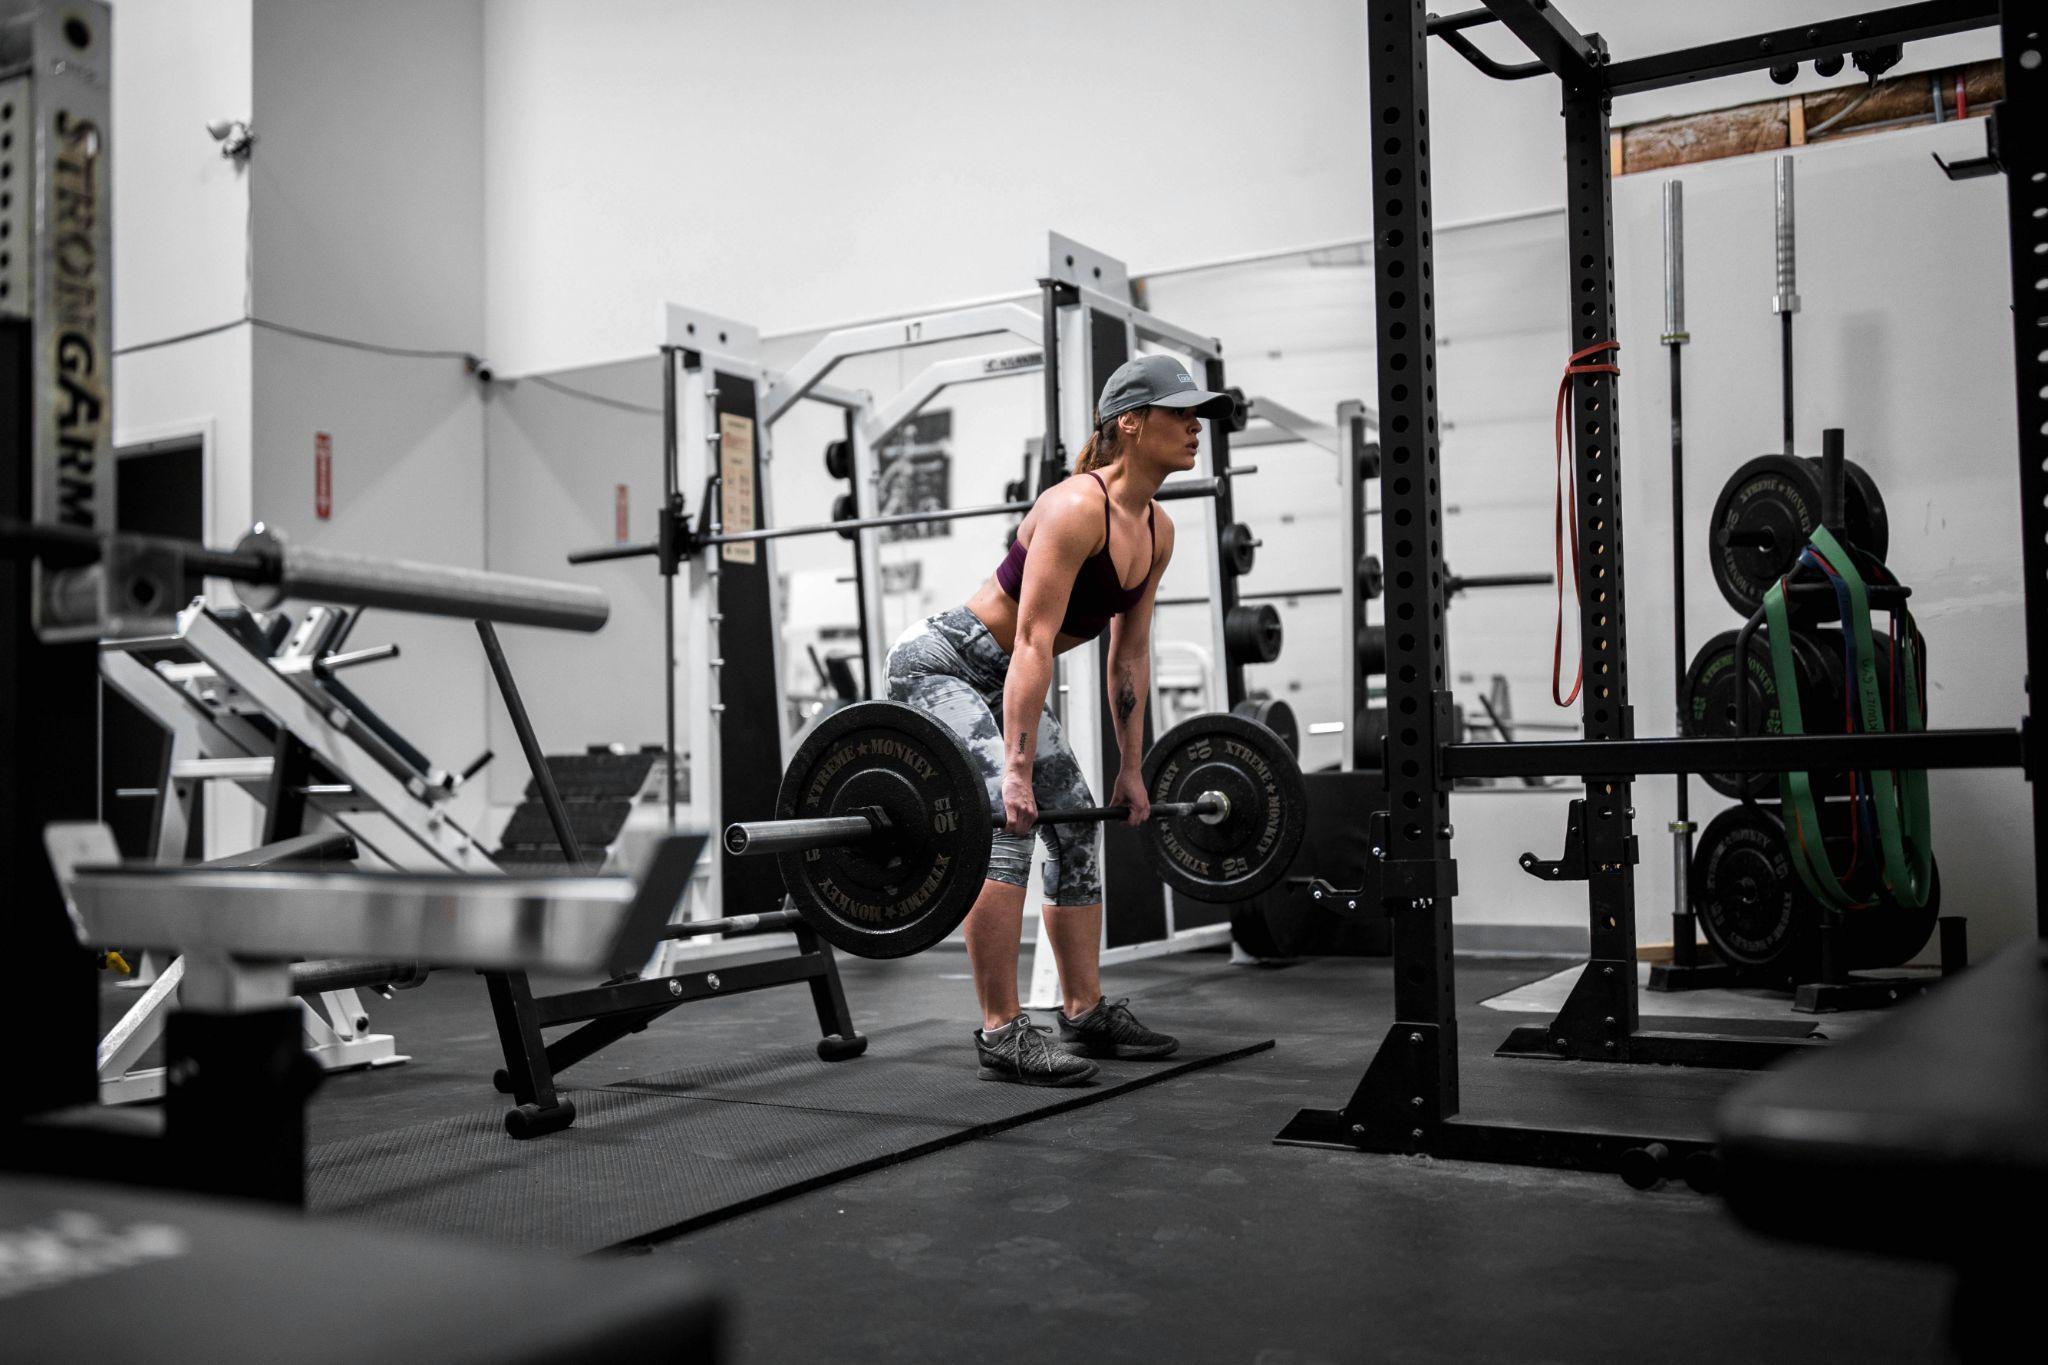 Зонирование фитнес-клубов разного сегмента